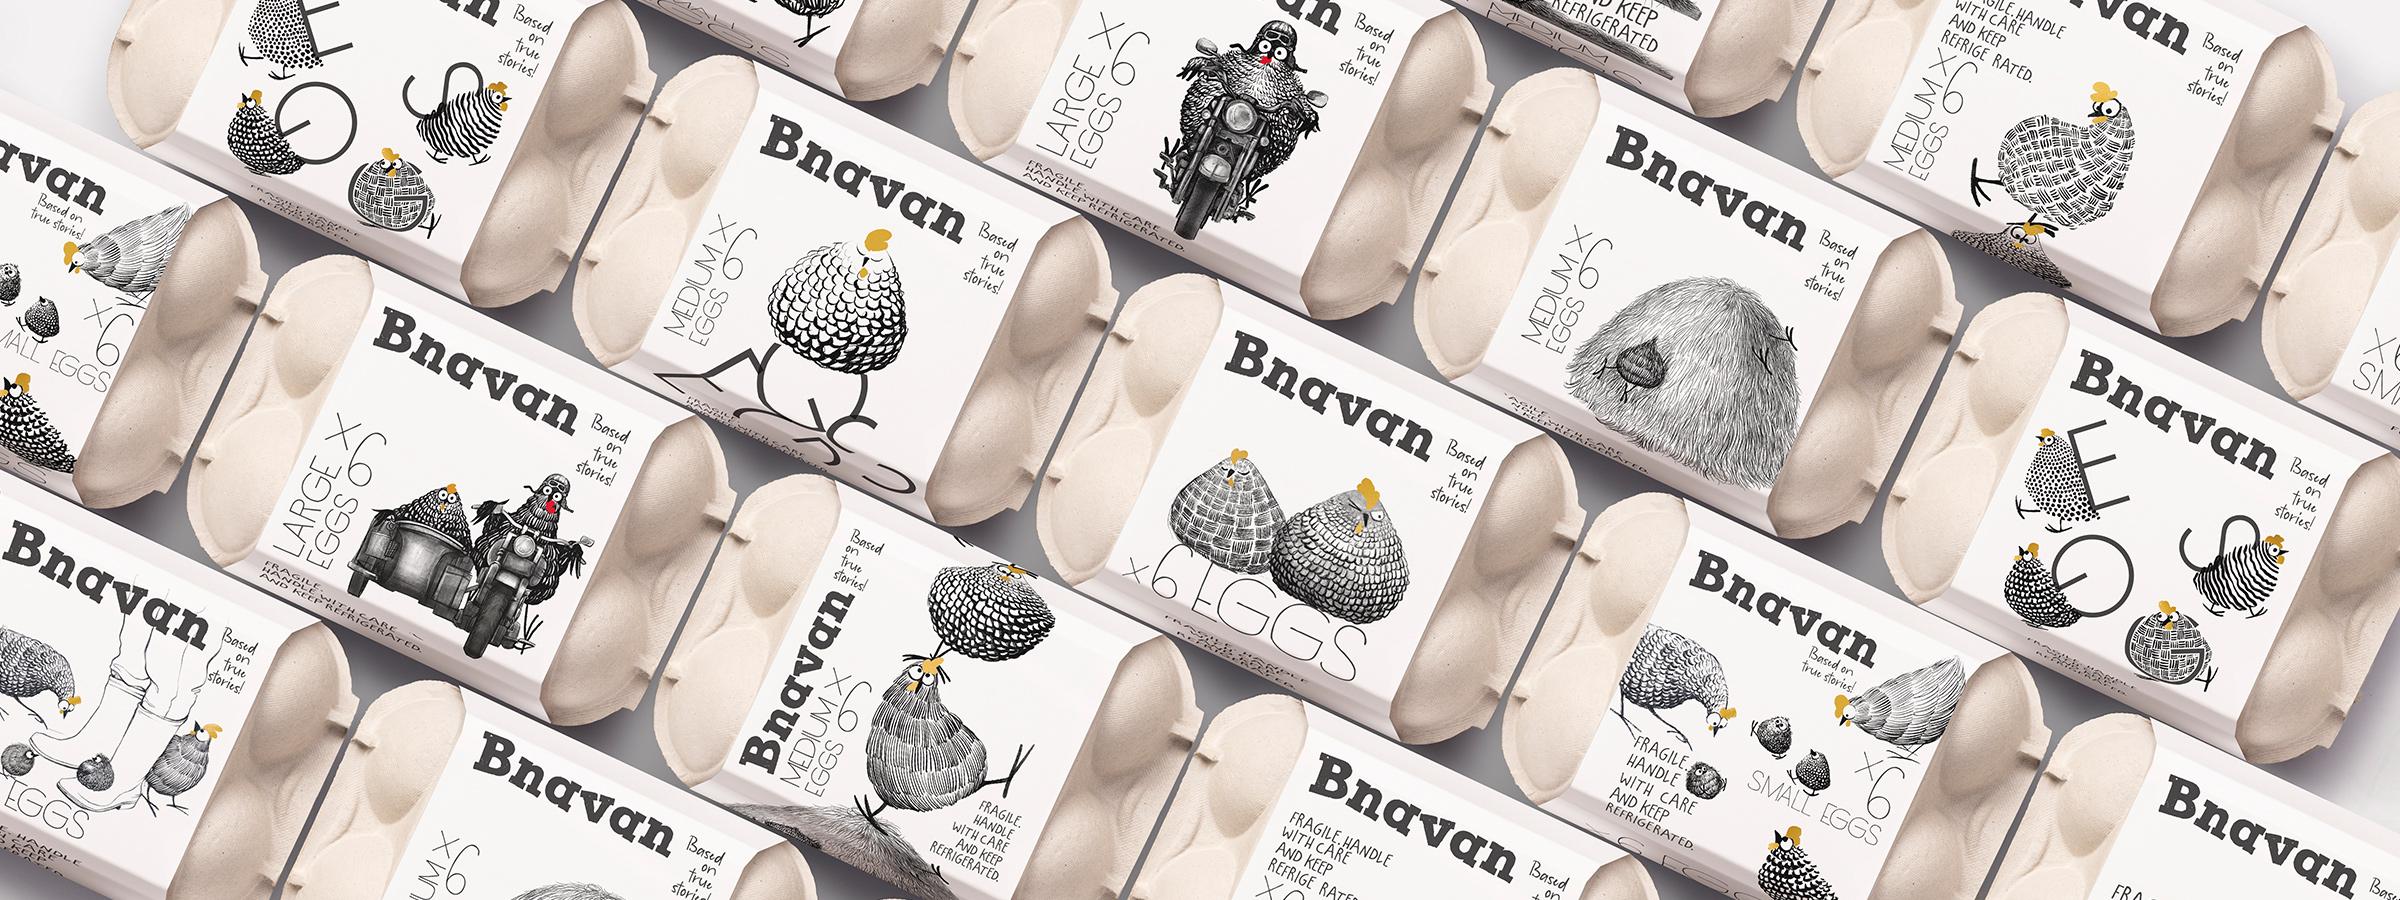 Brand and Packaging Design for Bnavan Eggs by Backbone Branding